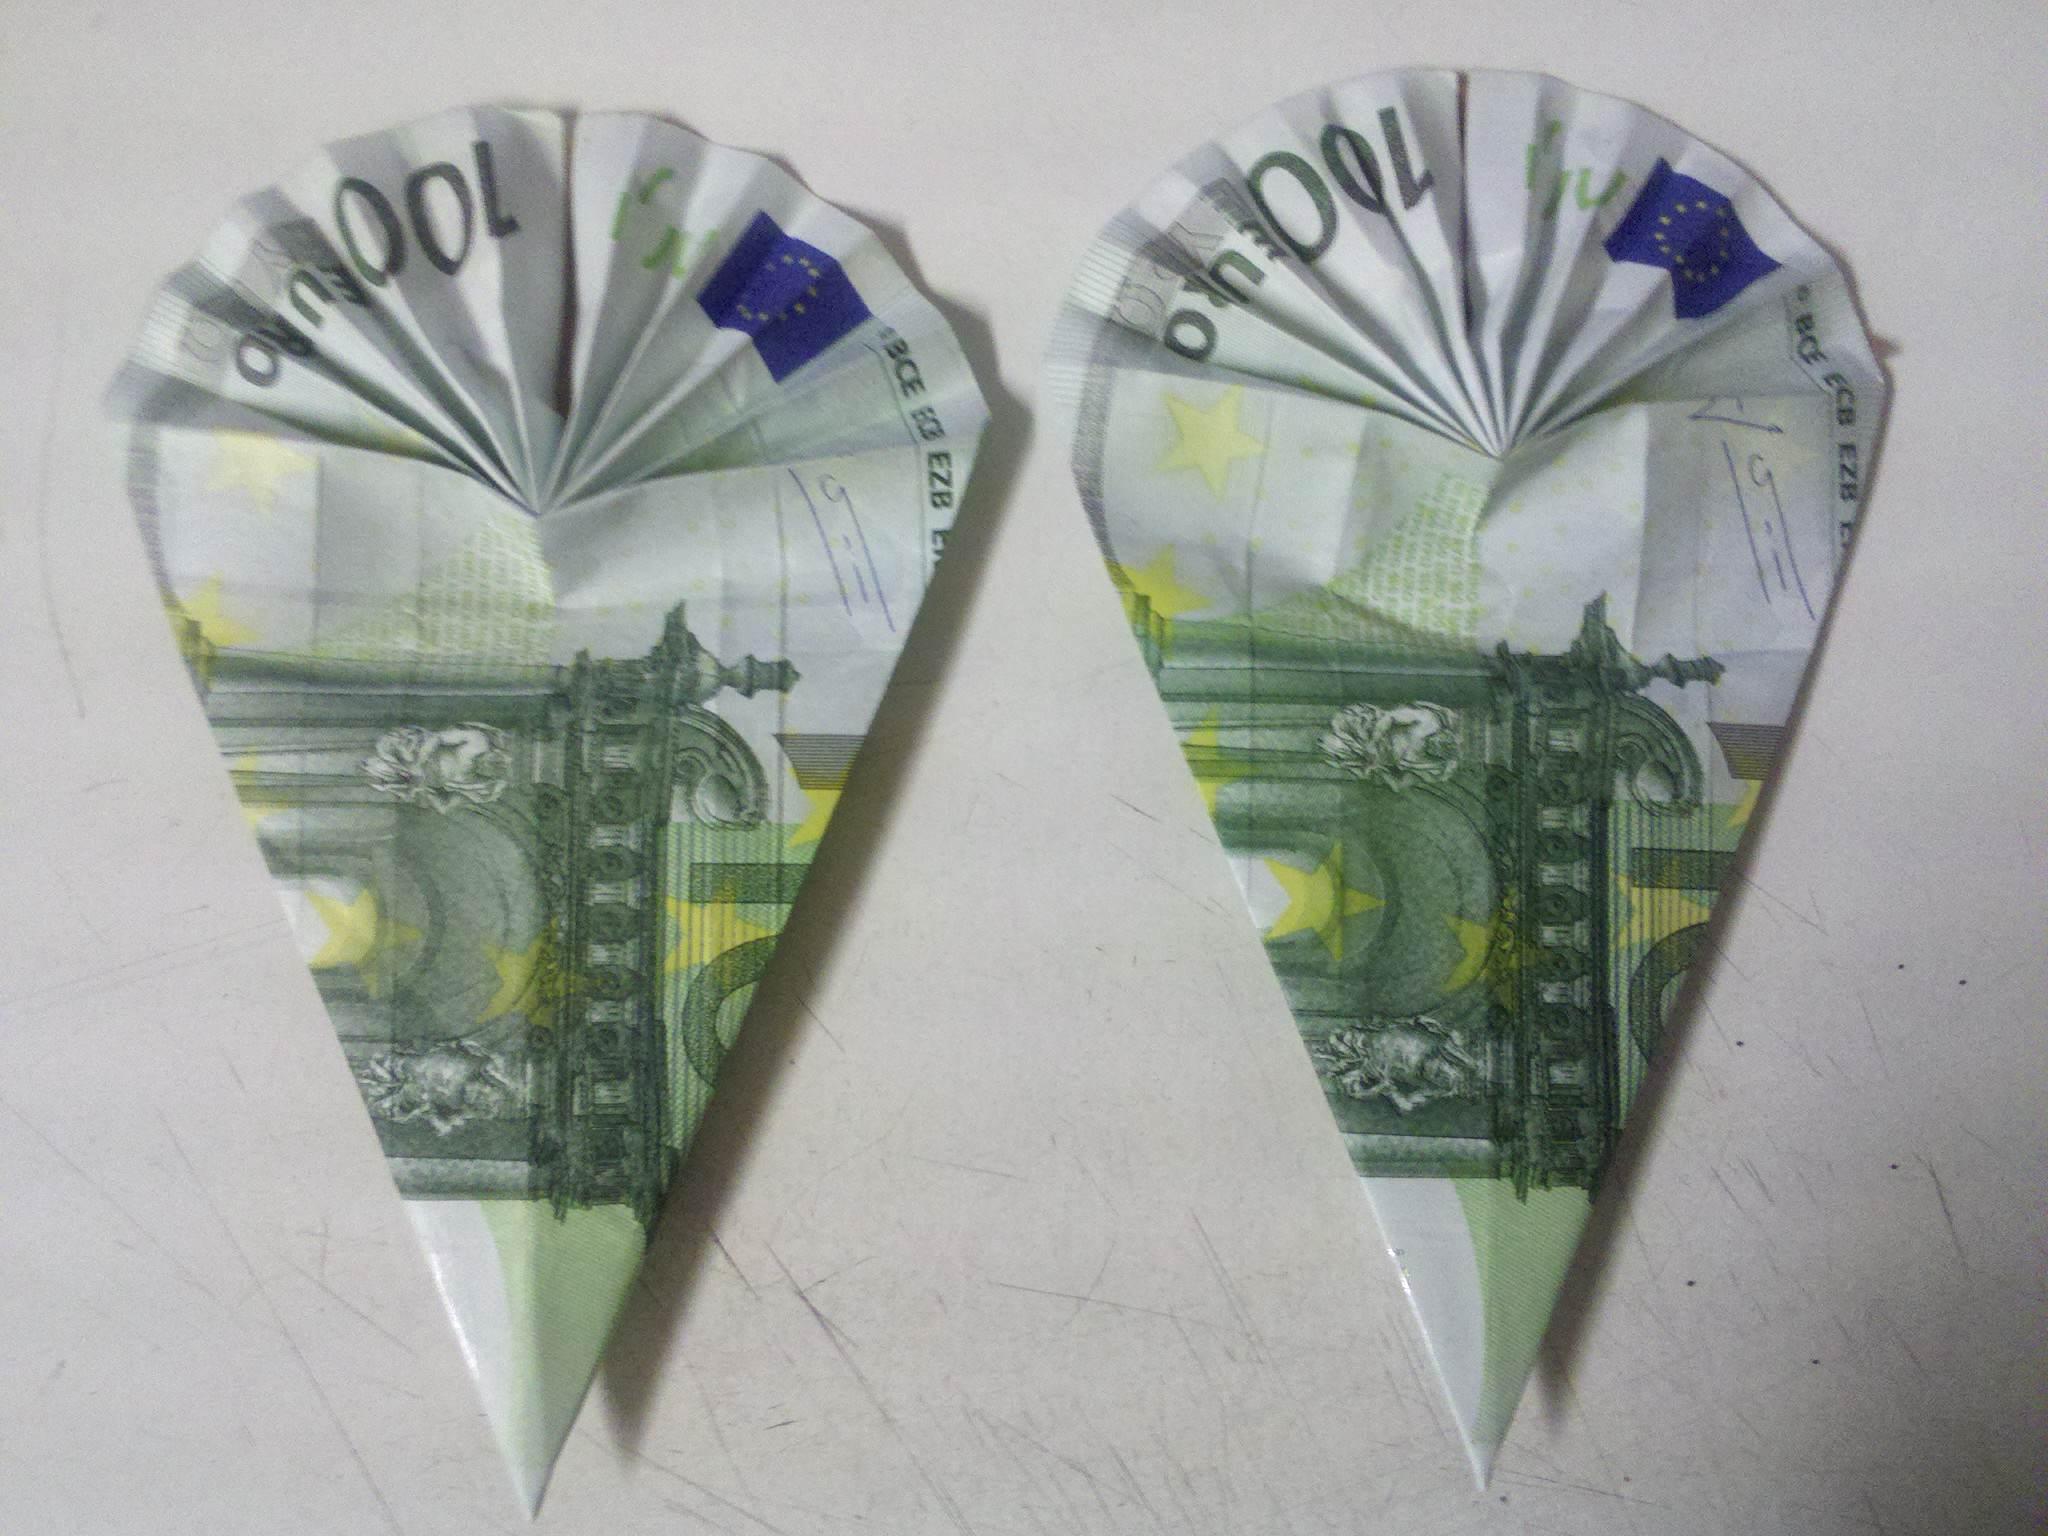 Torby szkolne złożone z banknotów